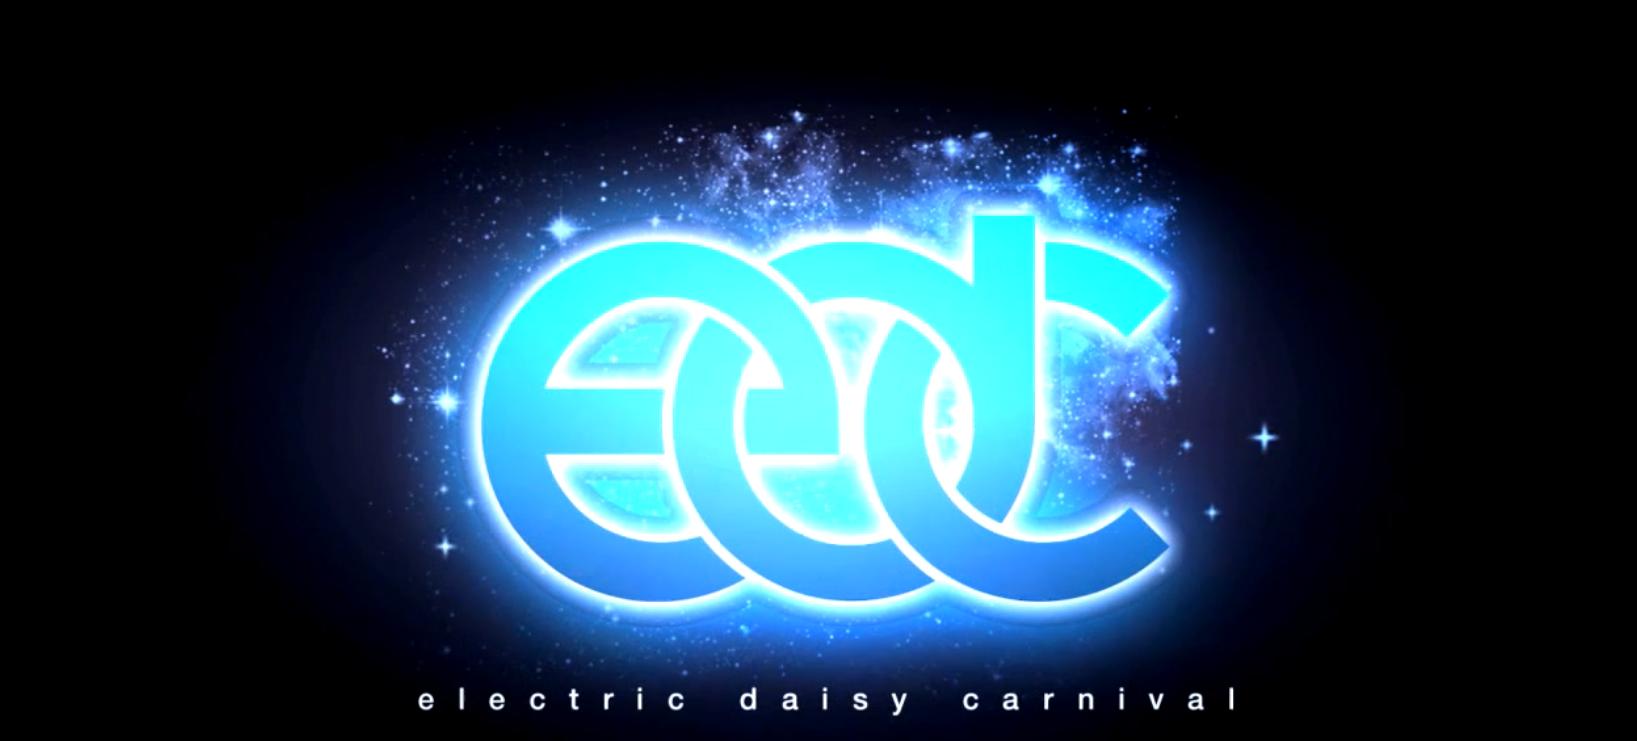 Electric Daisy Carnival Logo Electric Daisy Carniva...